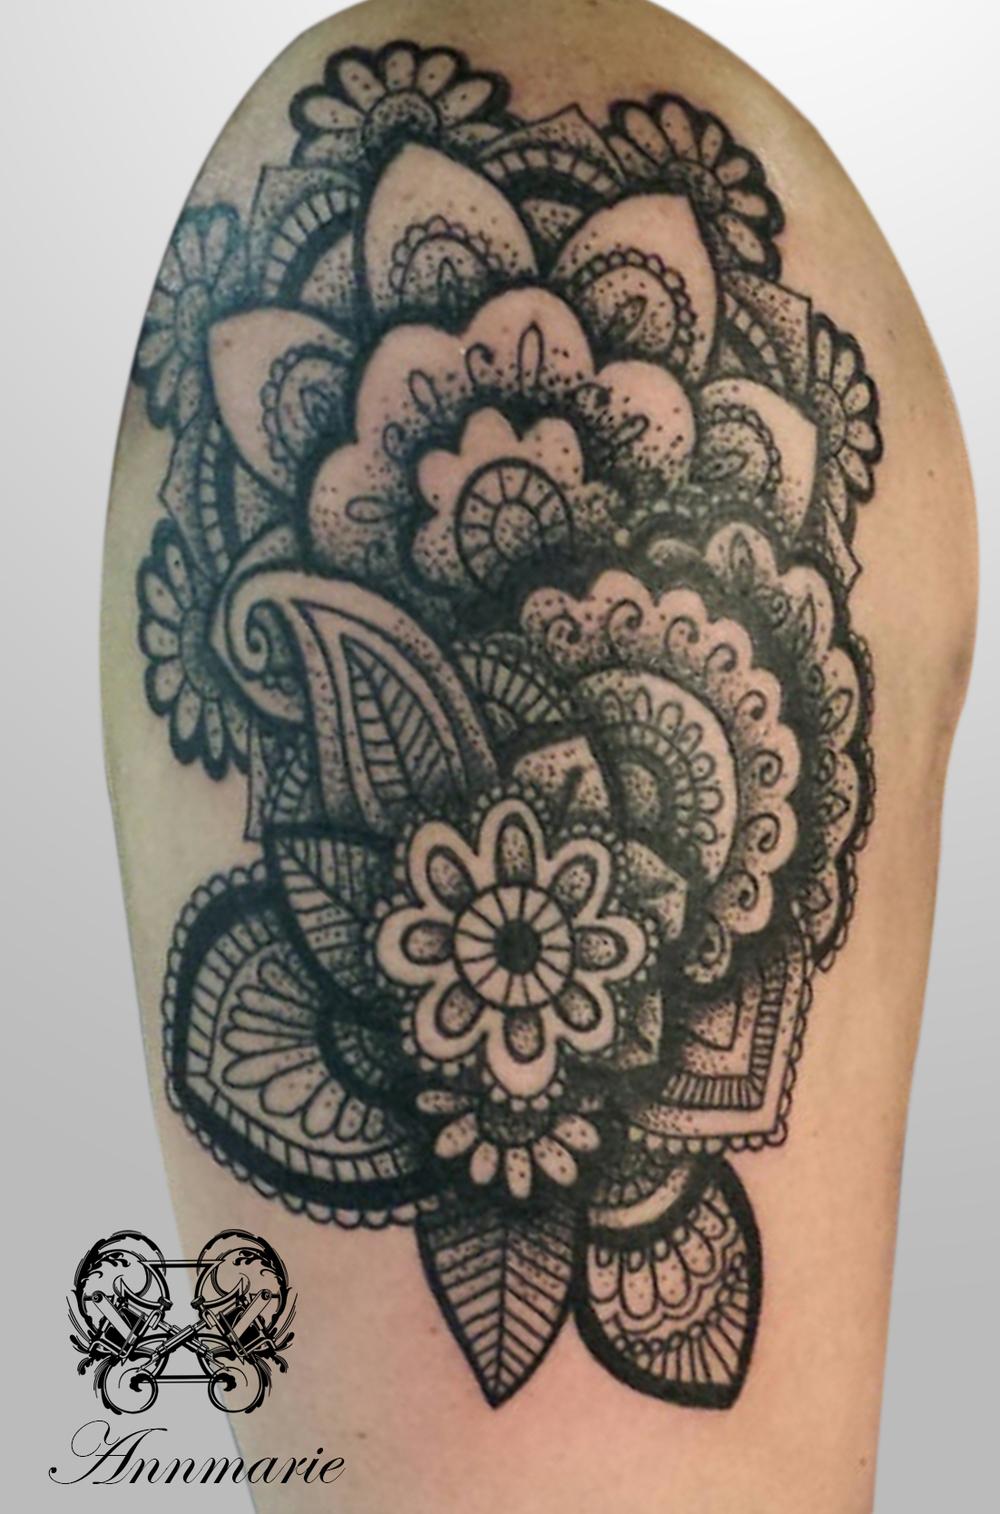 Henna Mehndi Glasgow : Mehndi sleeve in progress g